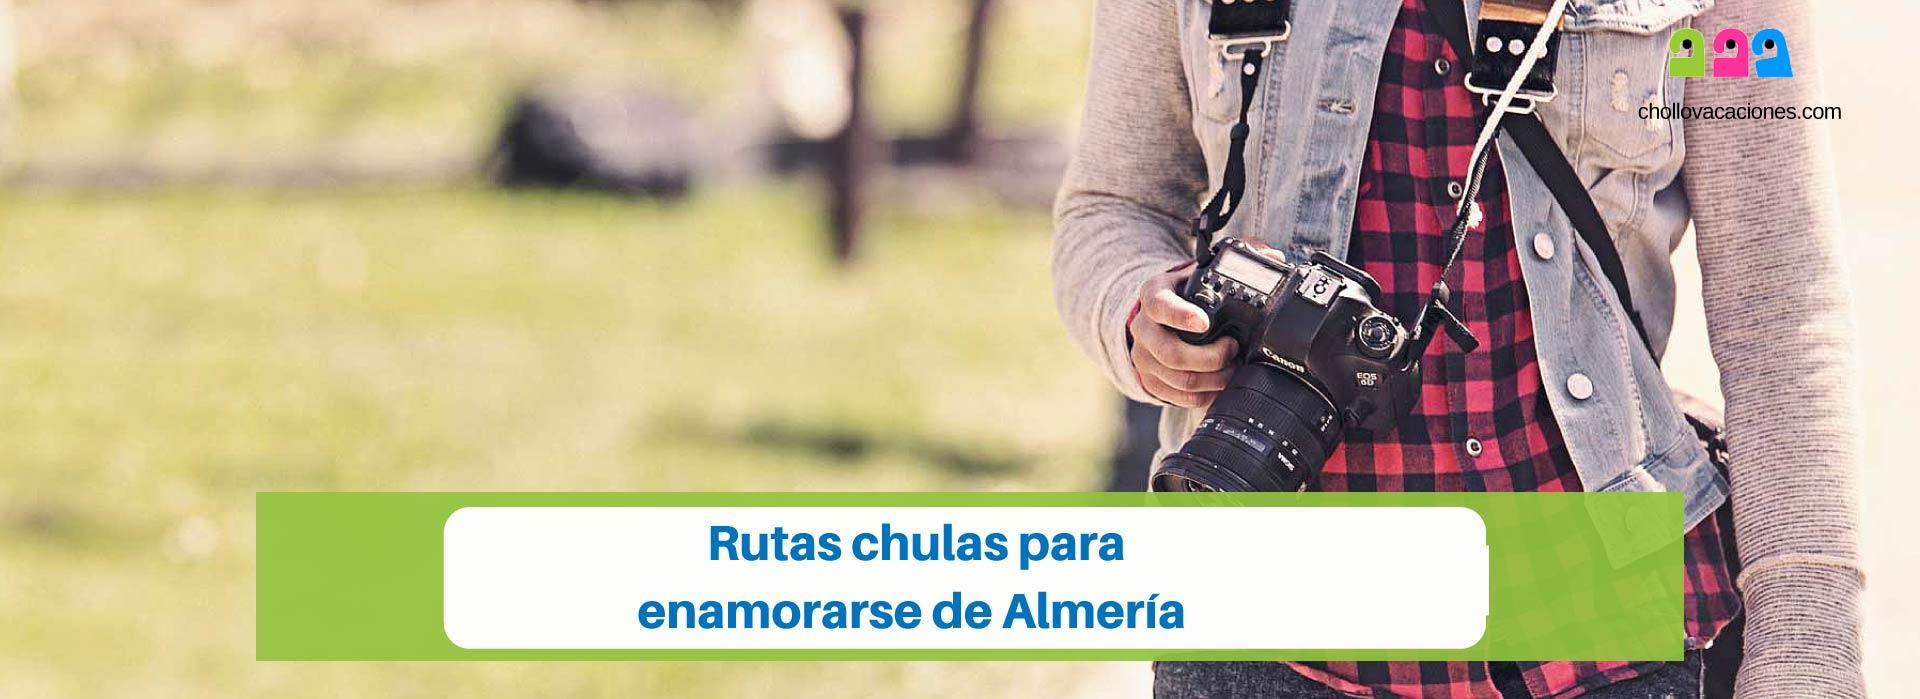 Rutas chulas para enamorarse de Almería